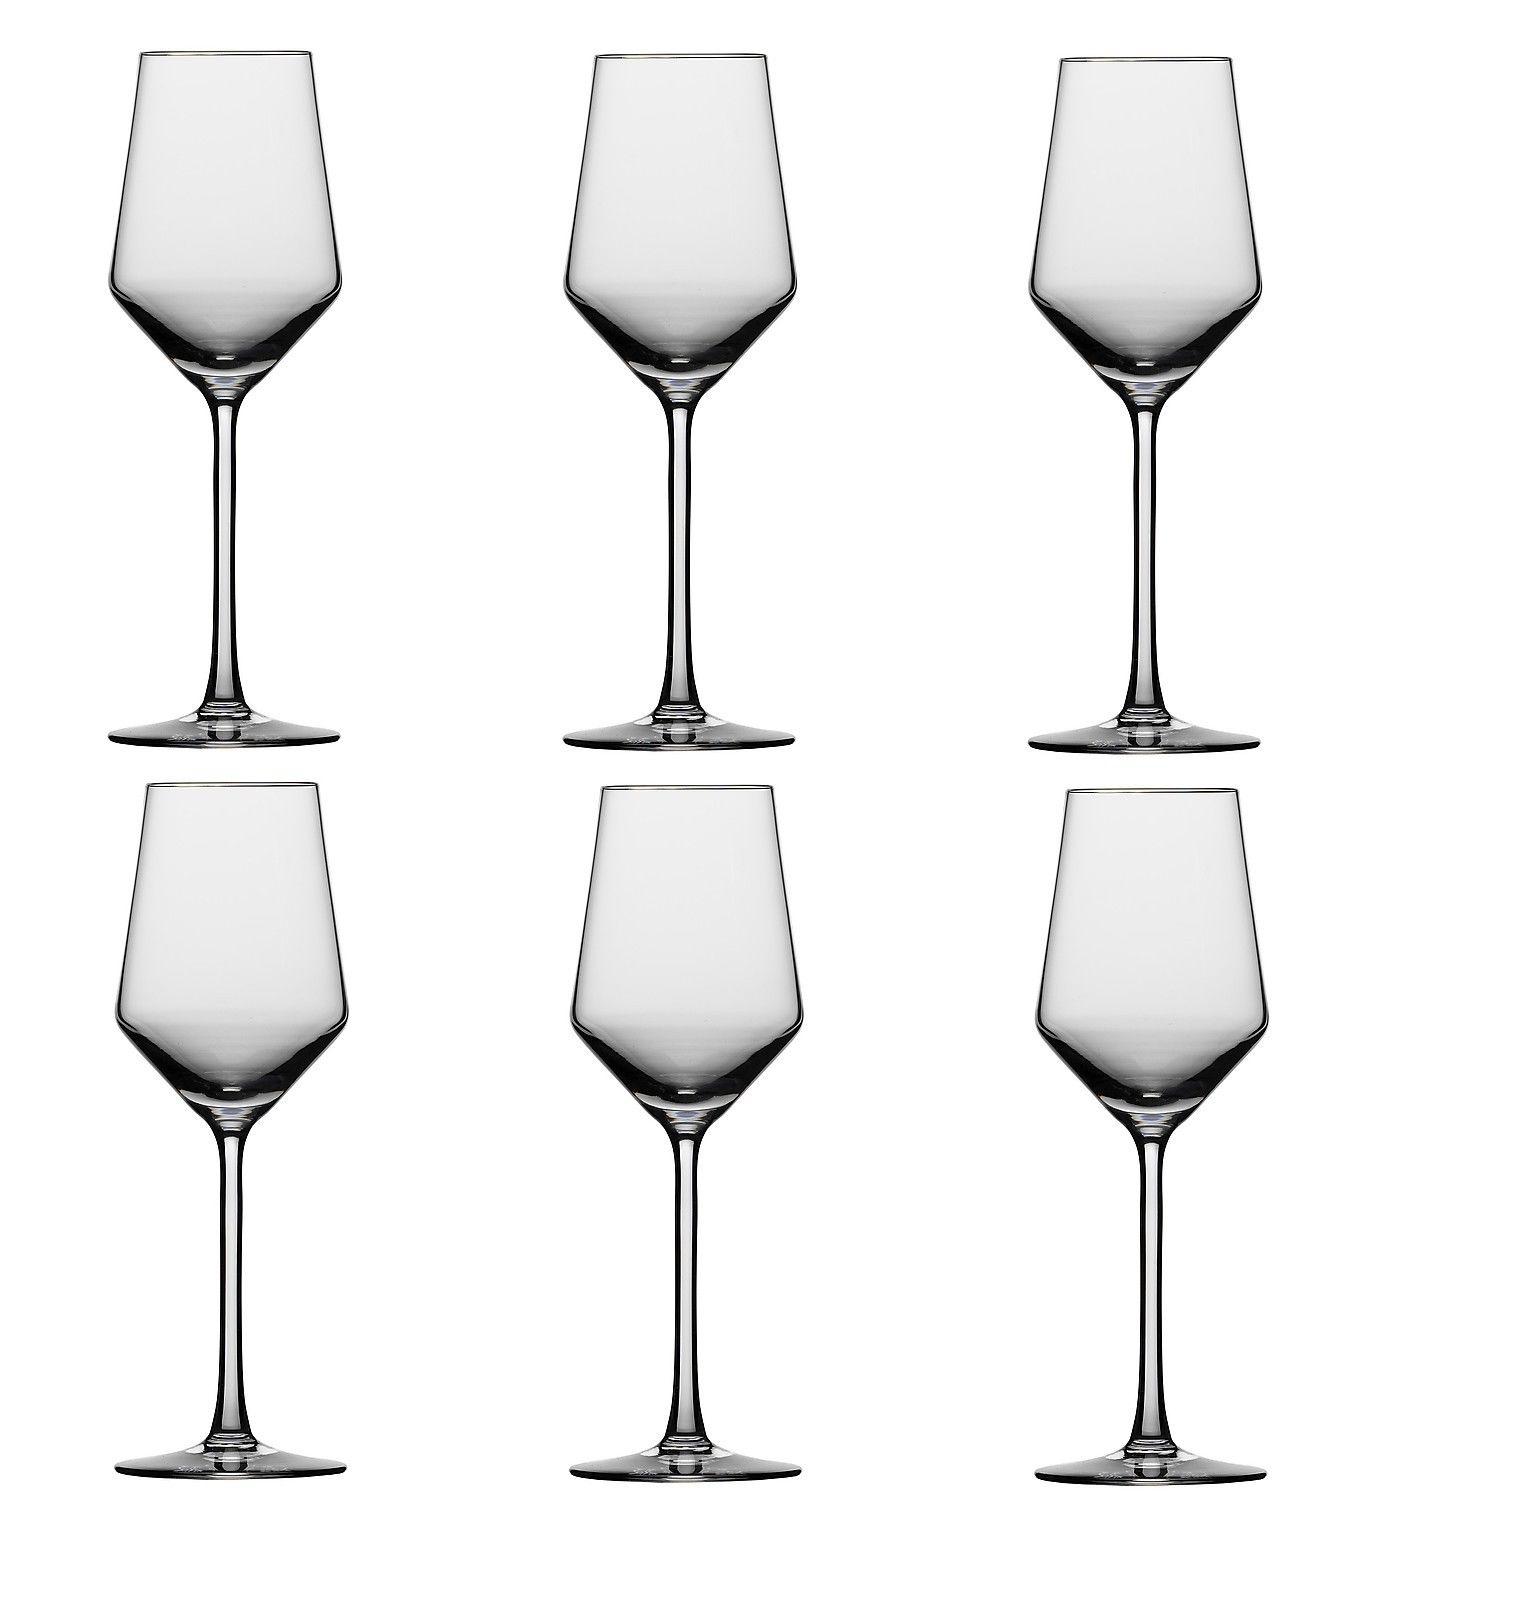 Набор бокалов для белого вина Schott Zwiesel PURE, объем 0,3 л, прозрачный, 6 штук Schott Zwiesel 112414_6шт фото 2